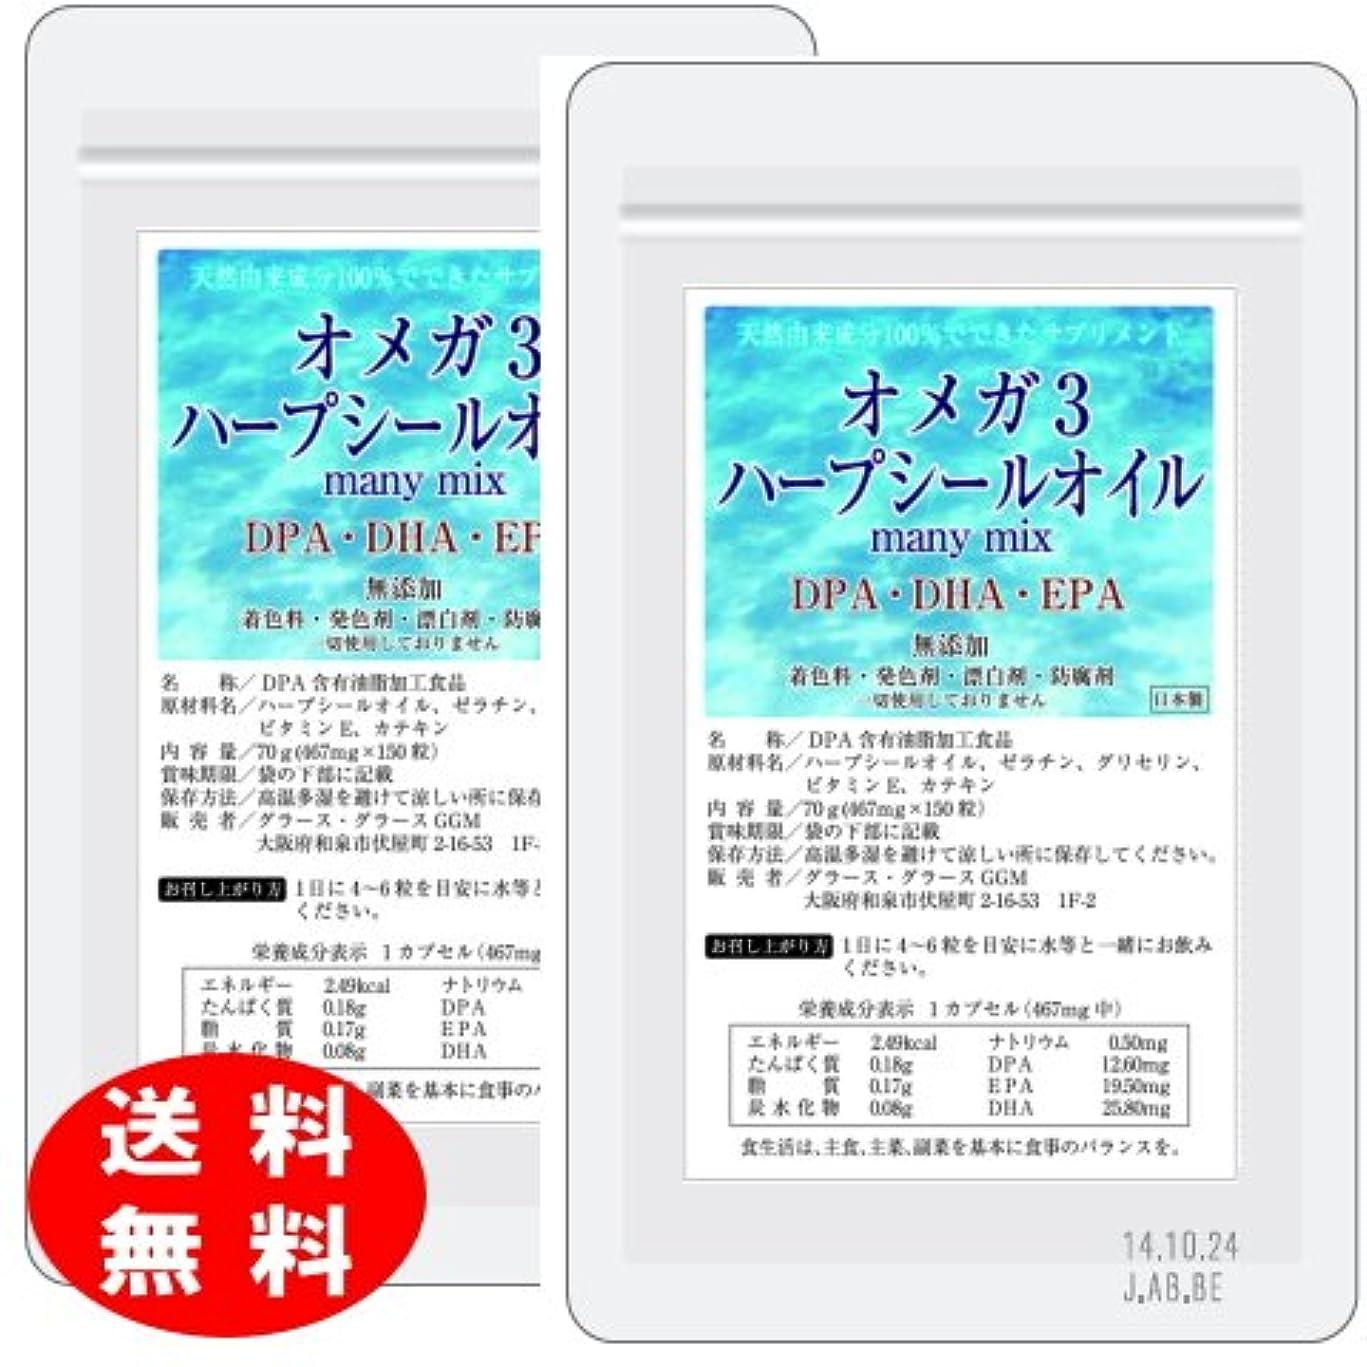 オメガ3 ハープシールオイル(アザラシオイル) many mix 150粒 2袋セット